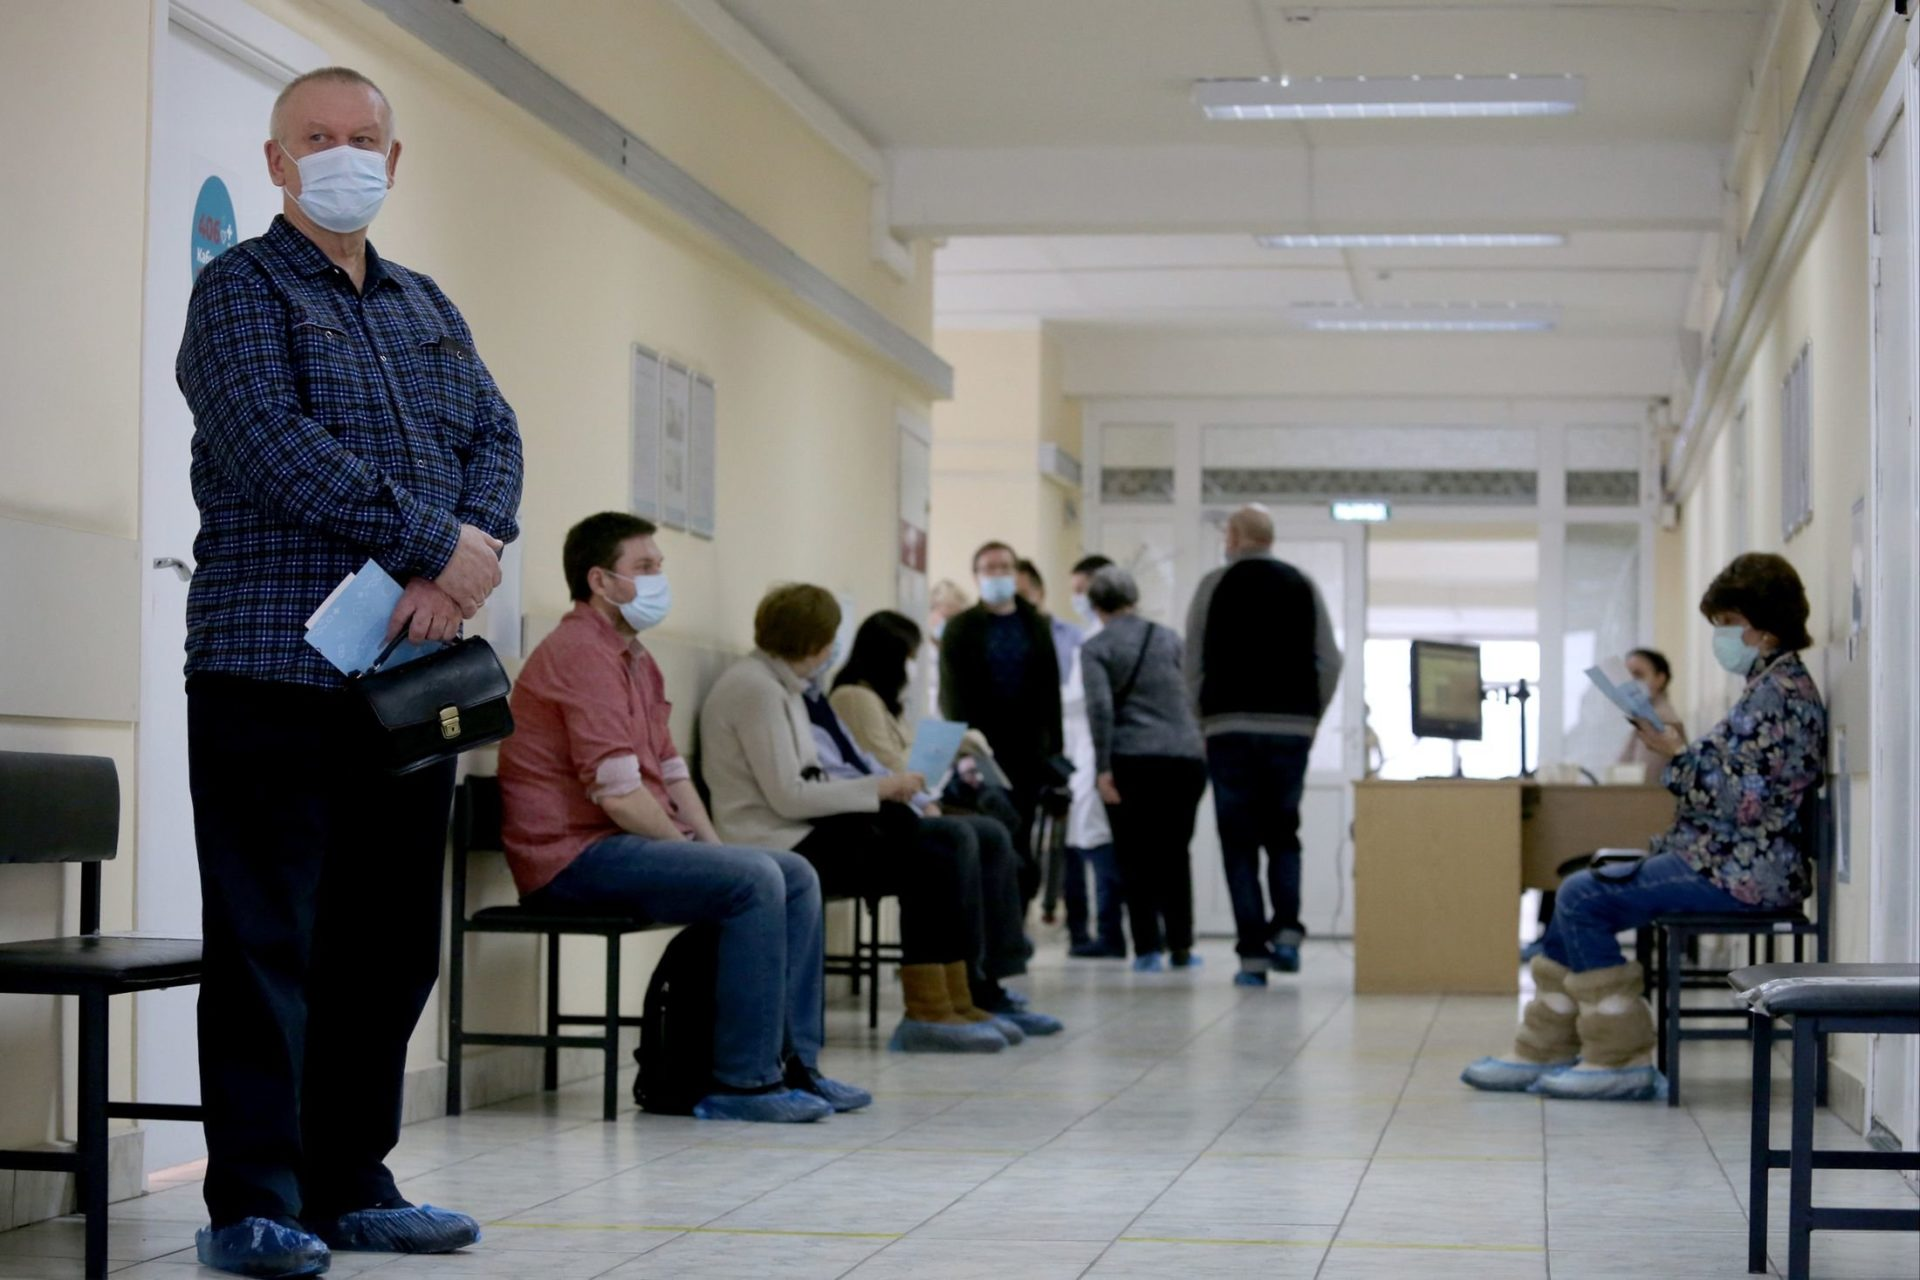 Граждане старше 60 лет включены в приоритетную группу при вакцинации